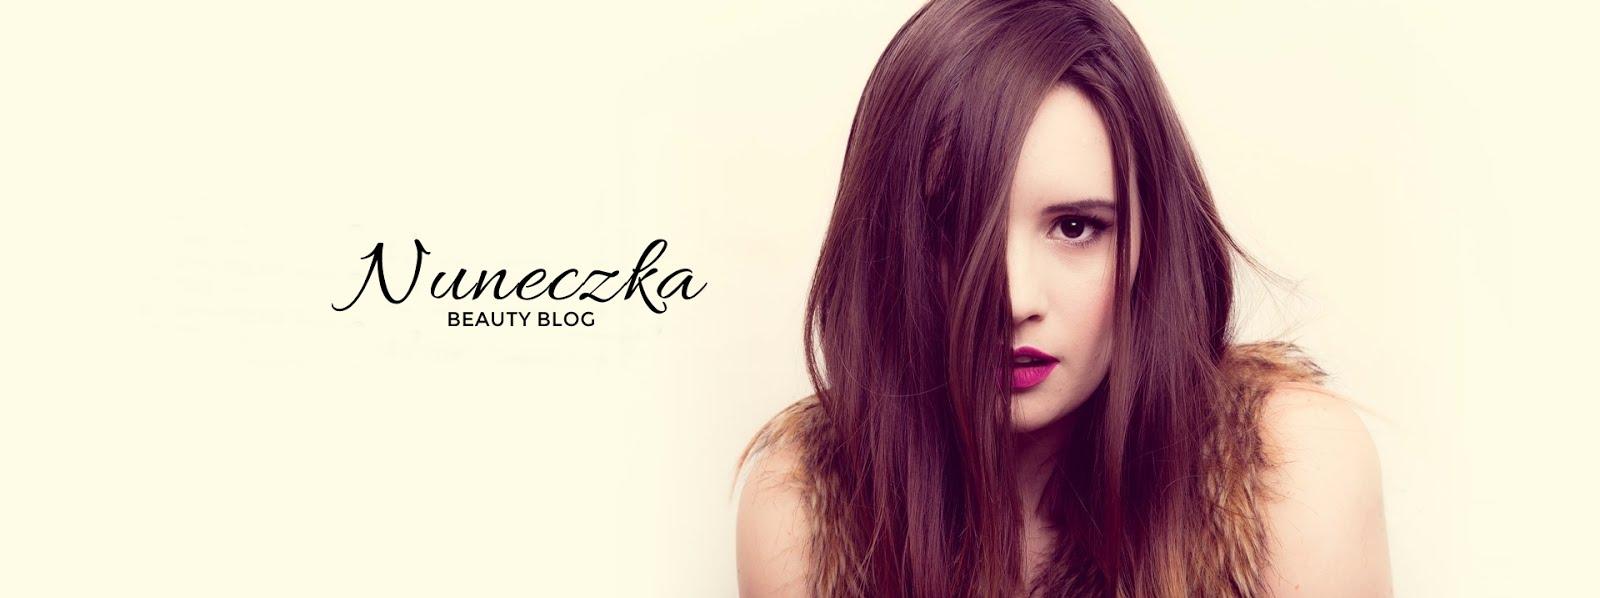 Nuneczka Beauty Blog- kosmetyki, uroda, porady